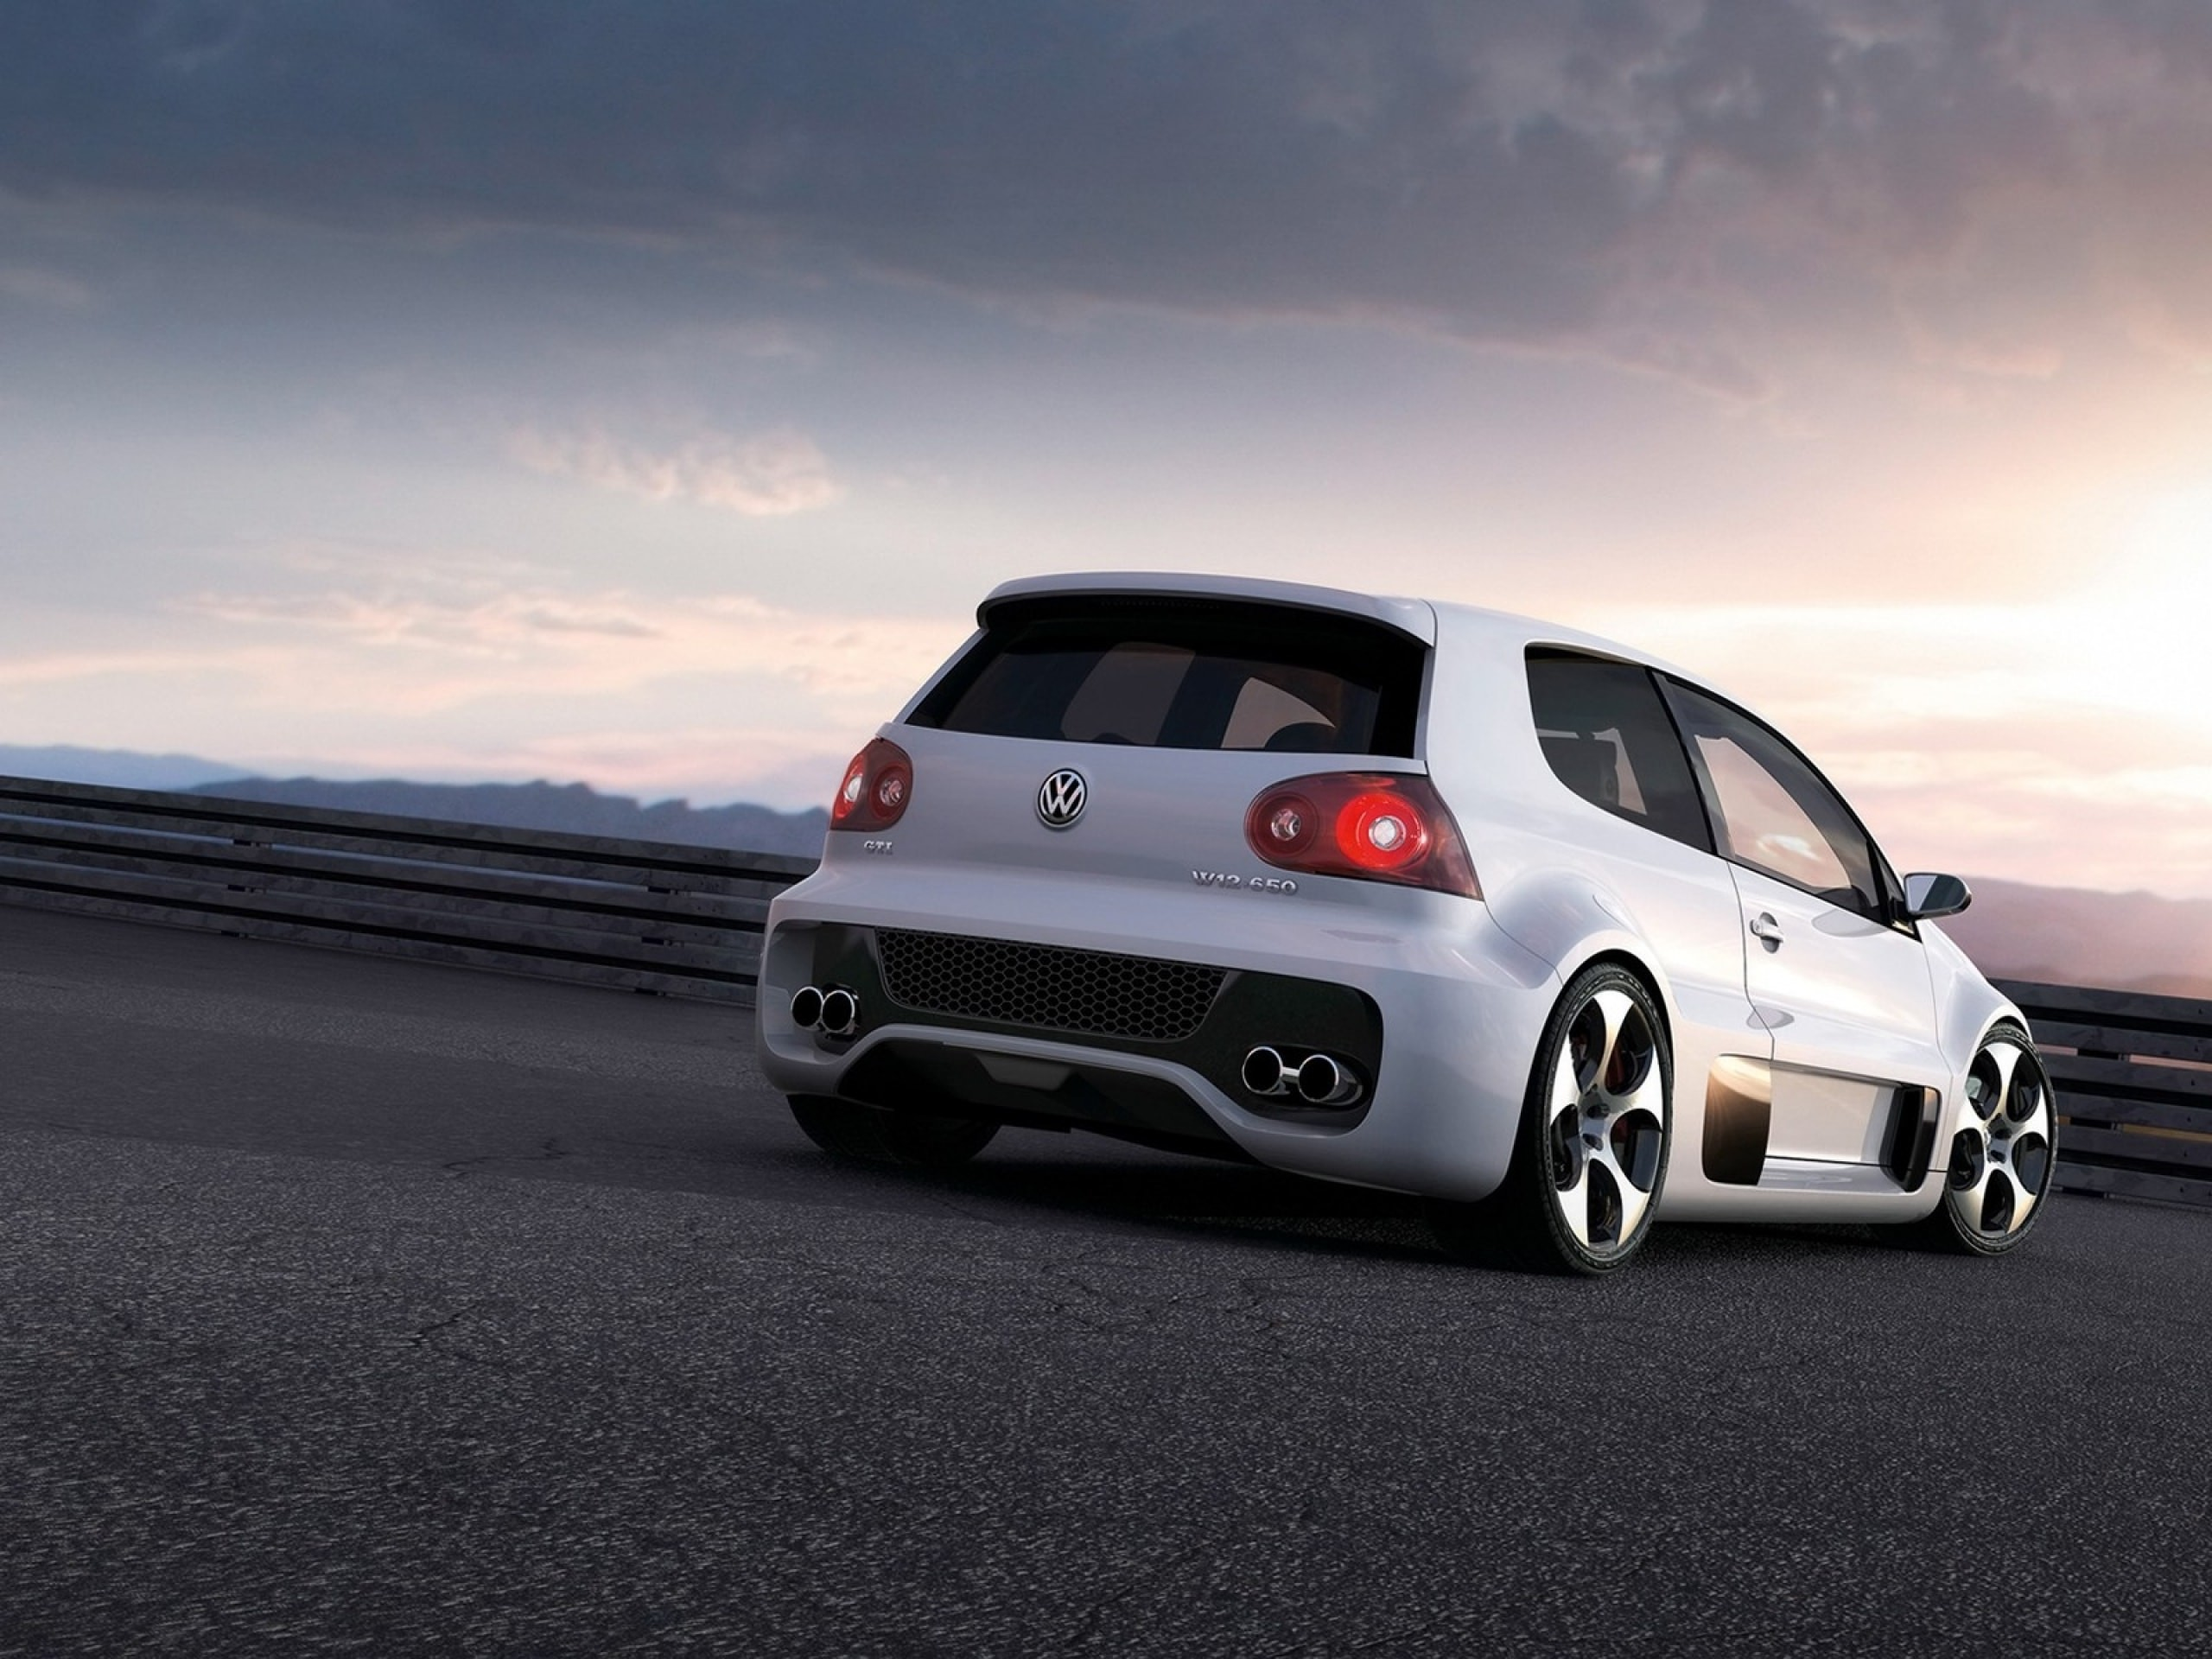 Res: 2560x1920, Volkswagen Golf GTI W12-650 Concept widescreen wallpapers